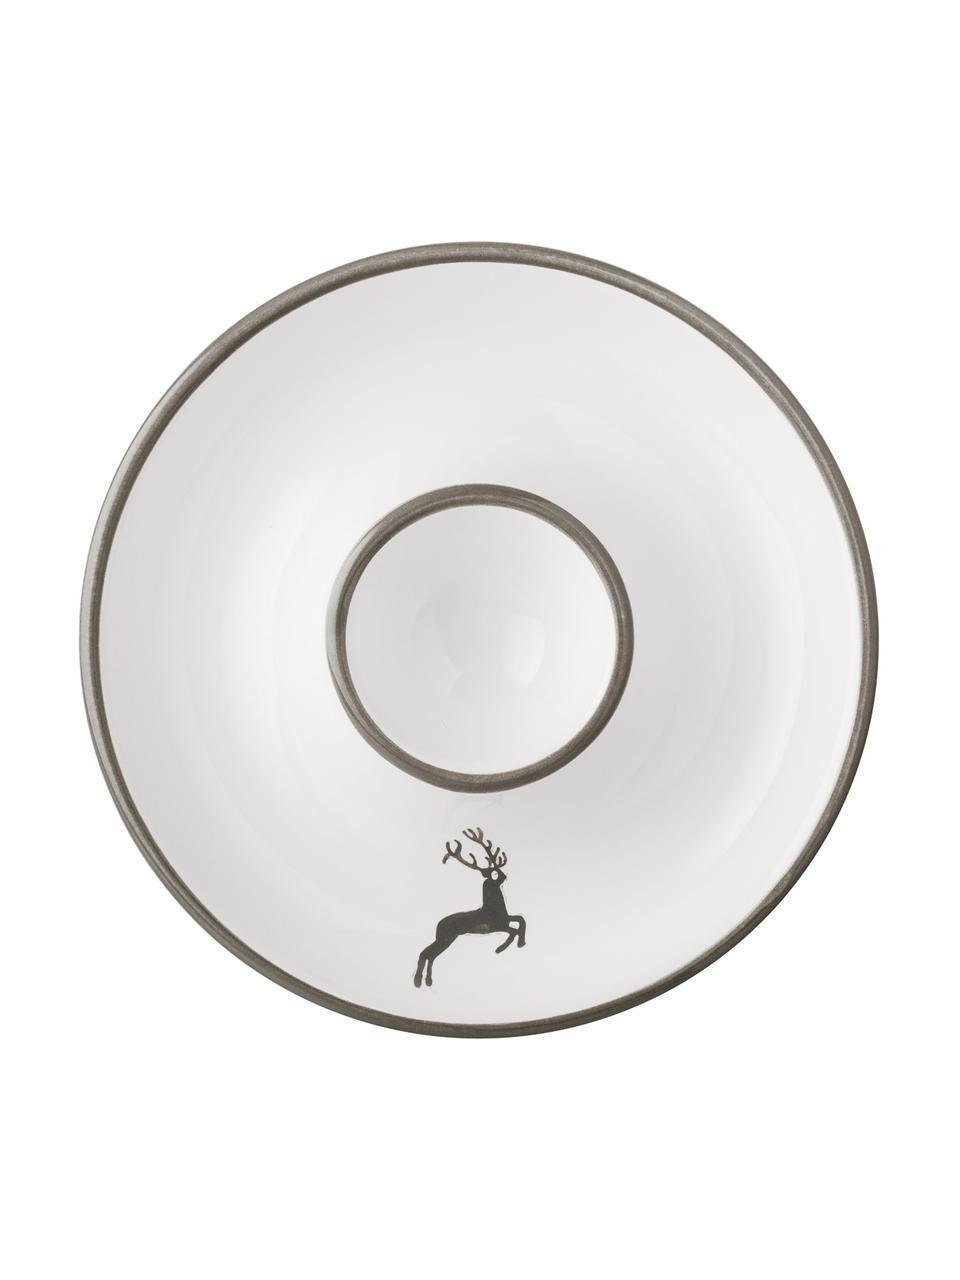 Handbeschilderd eierdopje Classic Grey Deer, Keramiek, Grijs, wit, Ø 12 cm